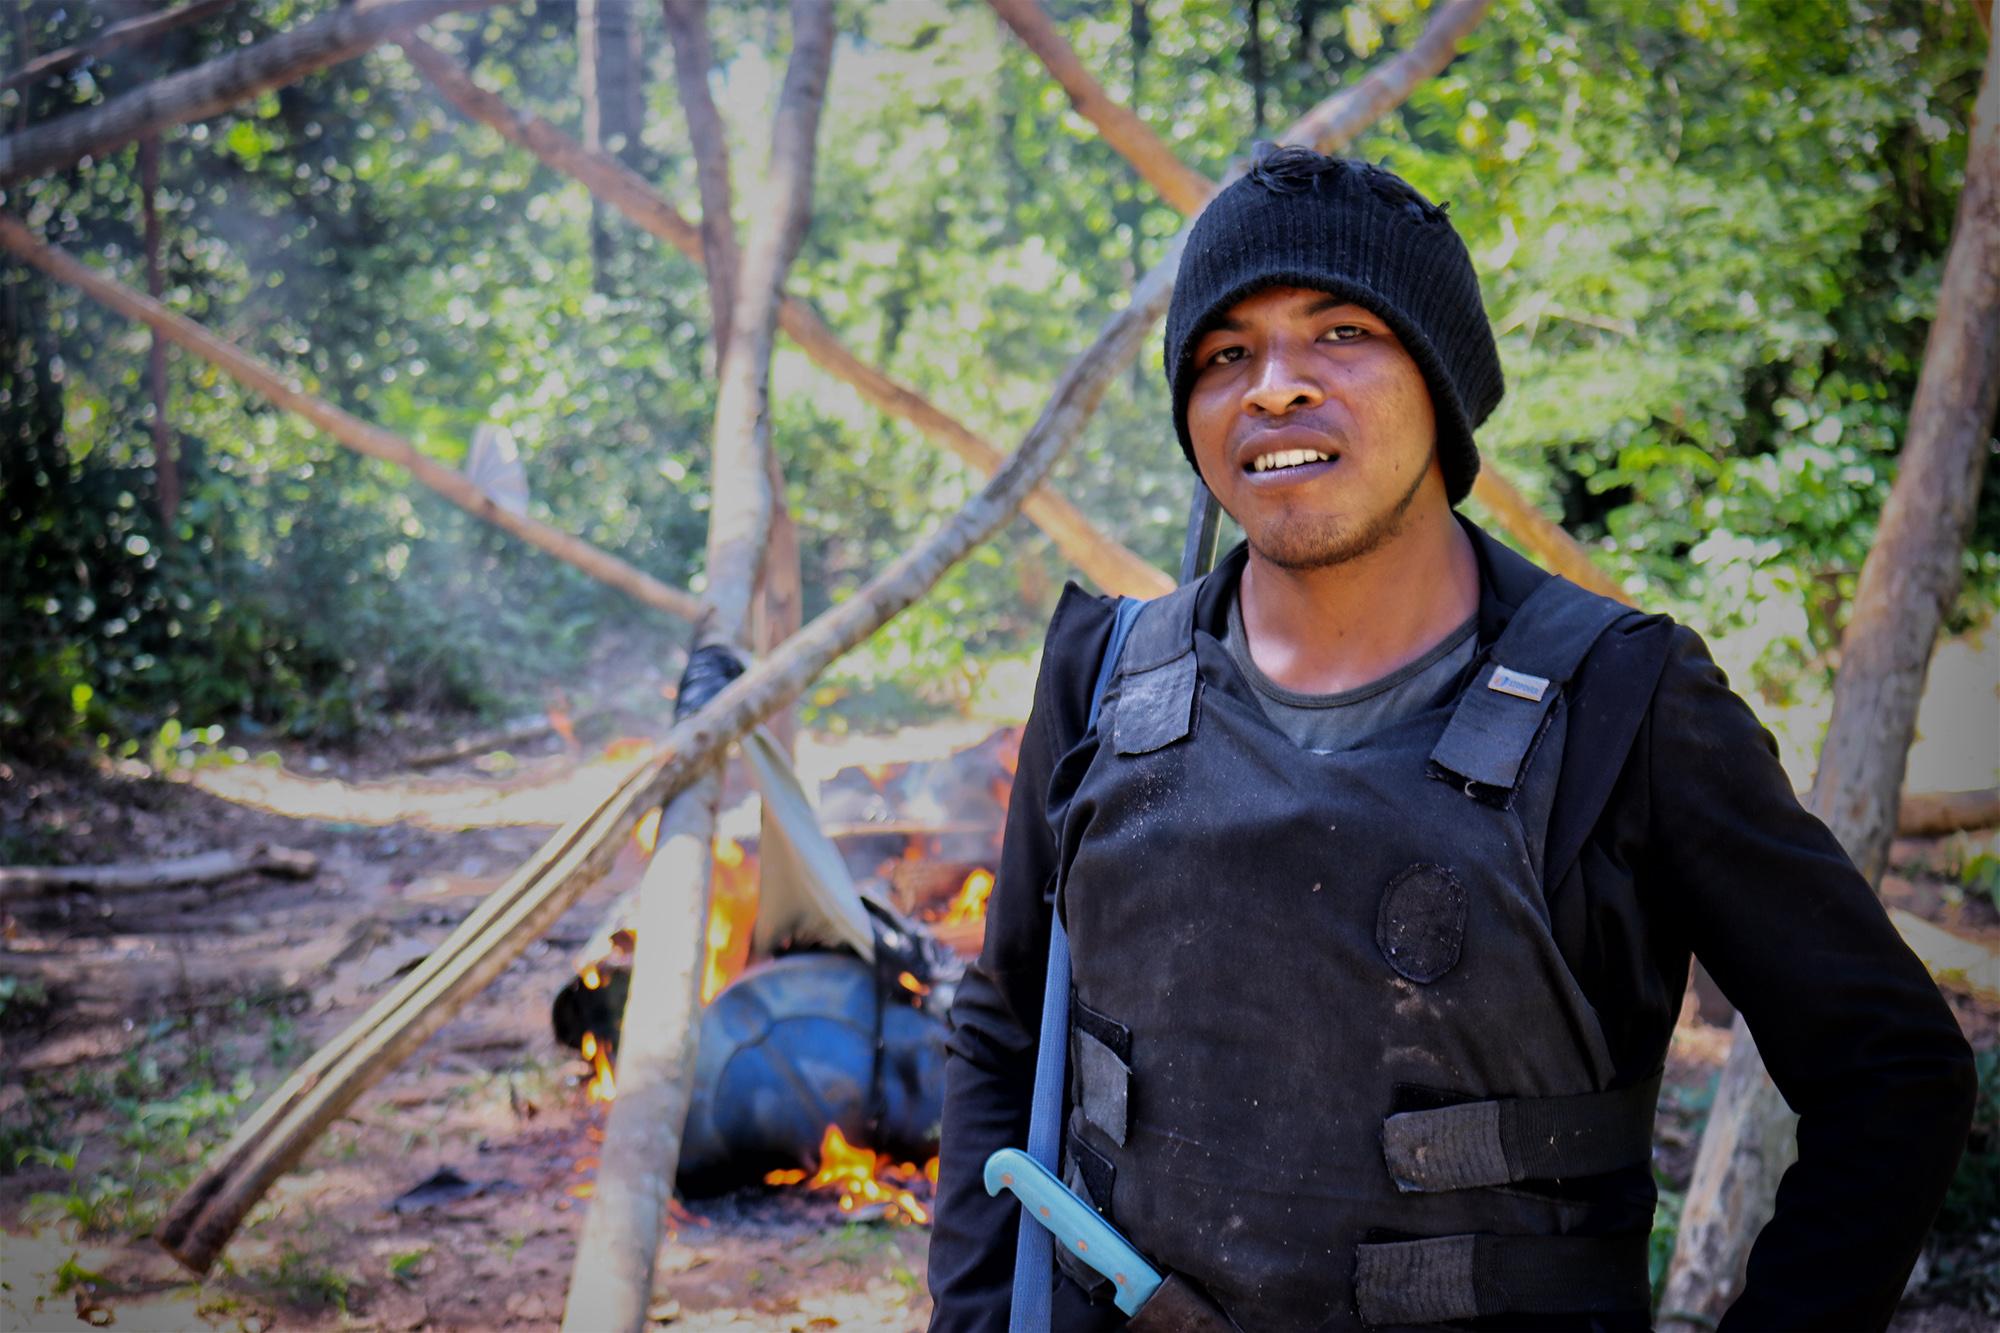 Moro recebeu pedido de proteção aos Guardiões da Floresta antes da morte de Paulo Guajajara